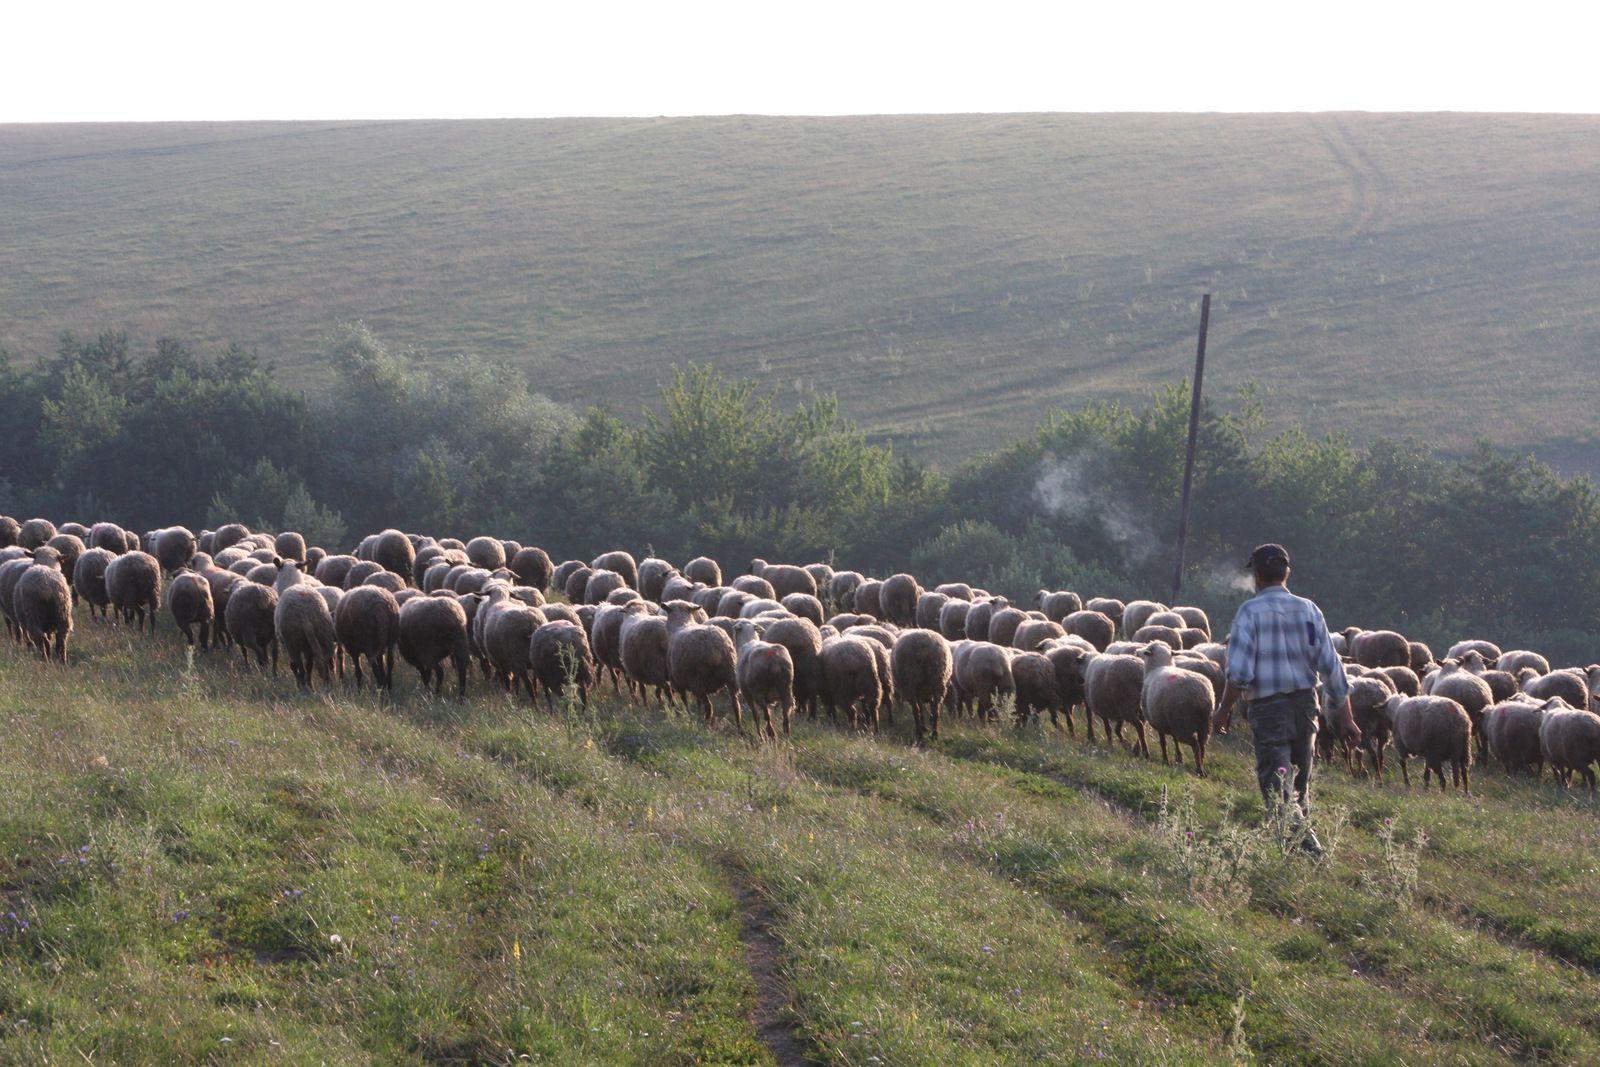 Ekologický chov oviec na ovčej farme nad obcou Proč.